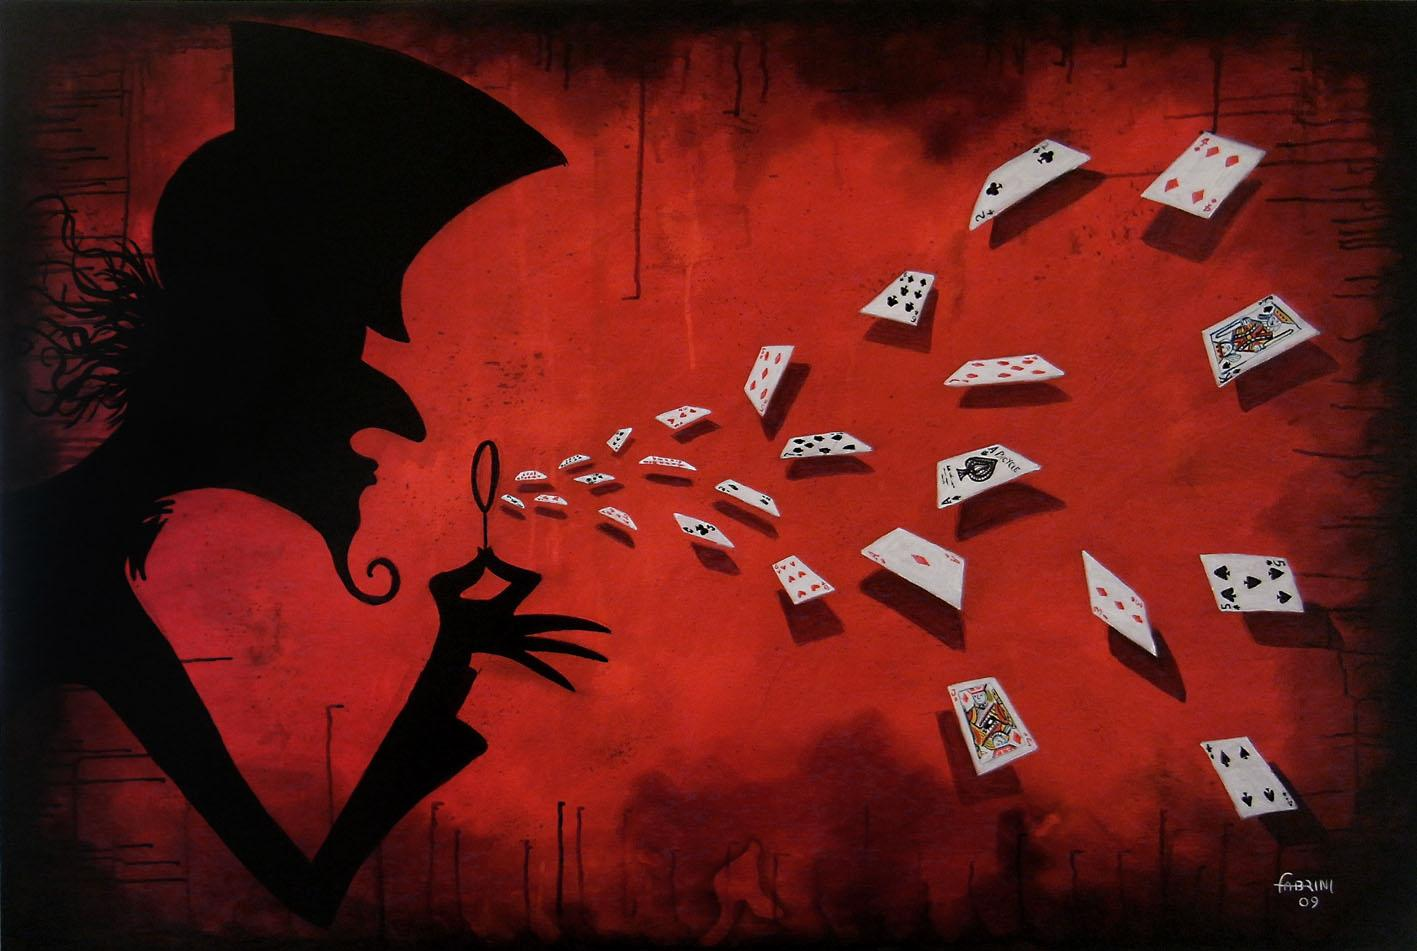 https://media.paperblog.fr/i/411/4115505/fabrini-crisci-peintre-magicien-L-Bo084s.jpeg